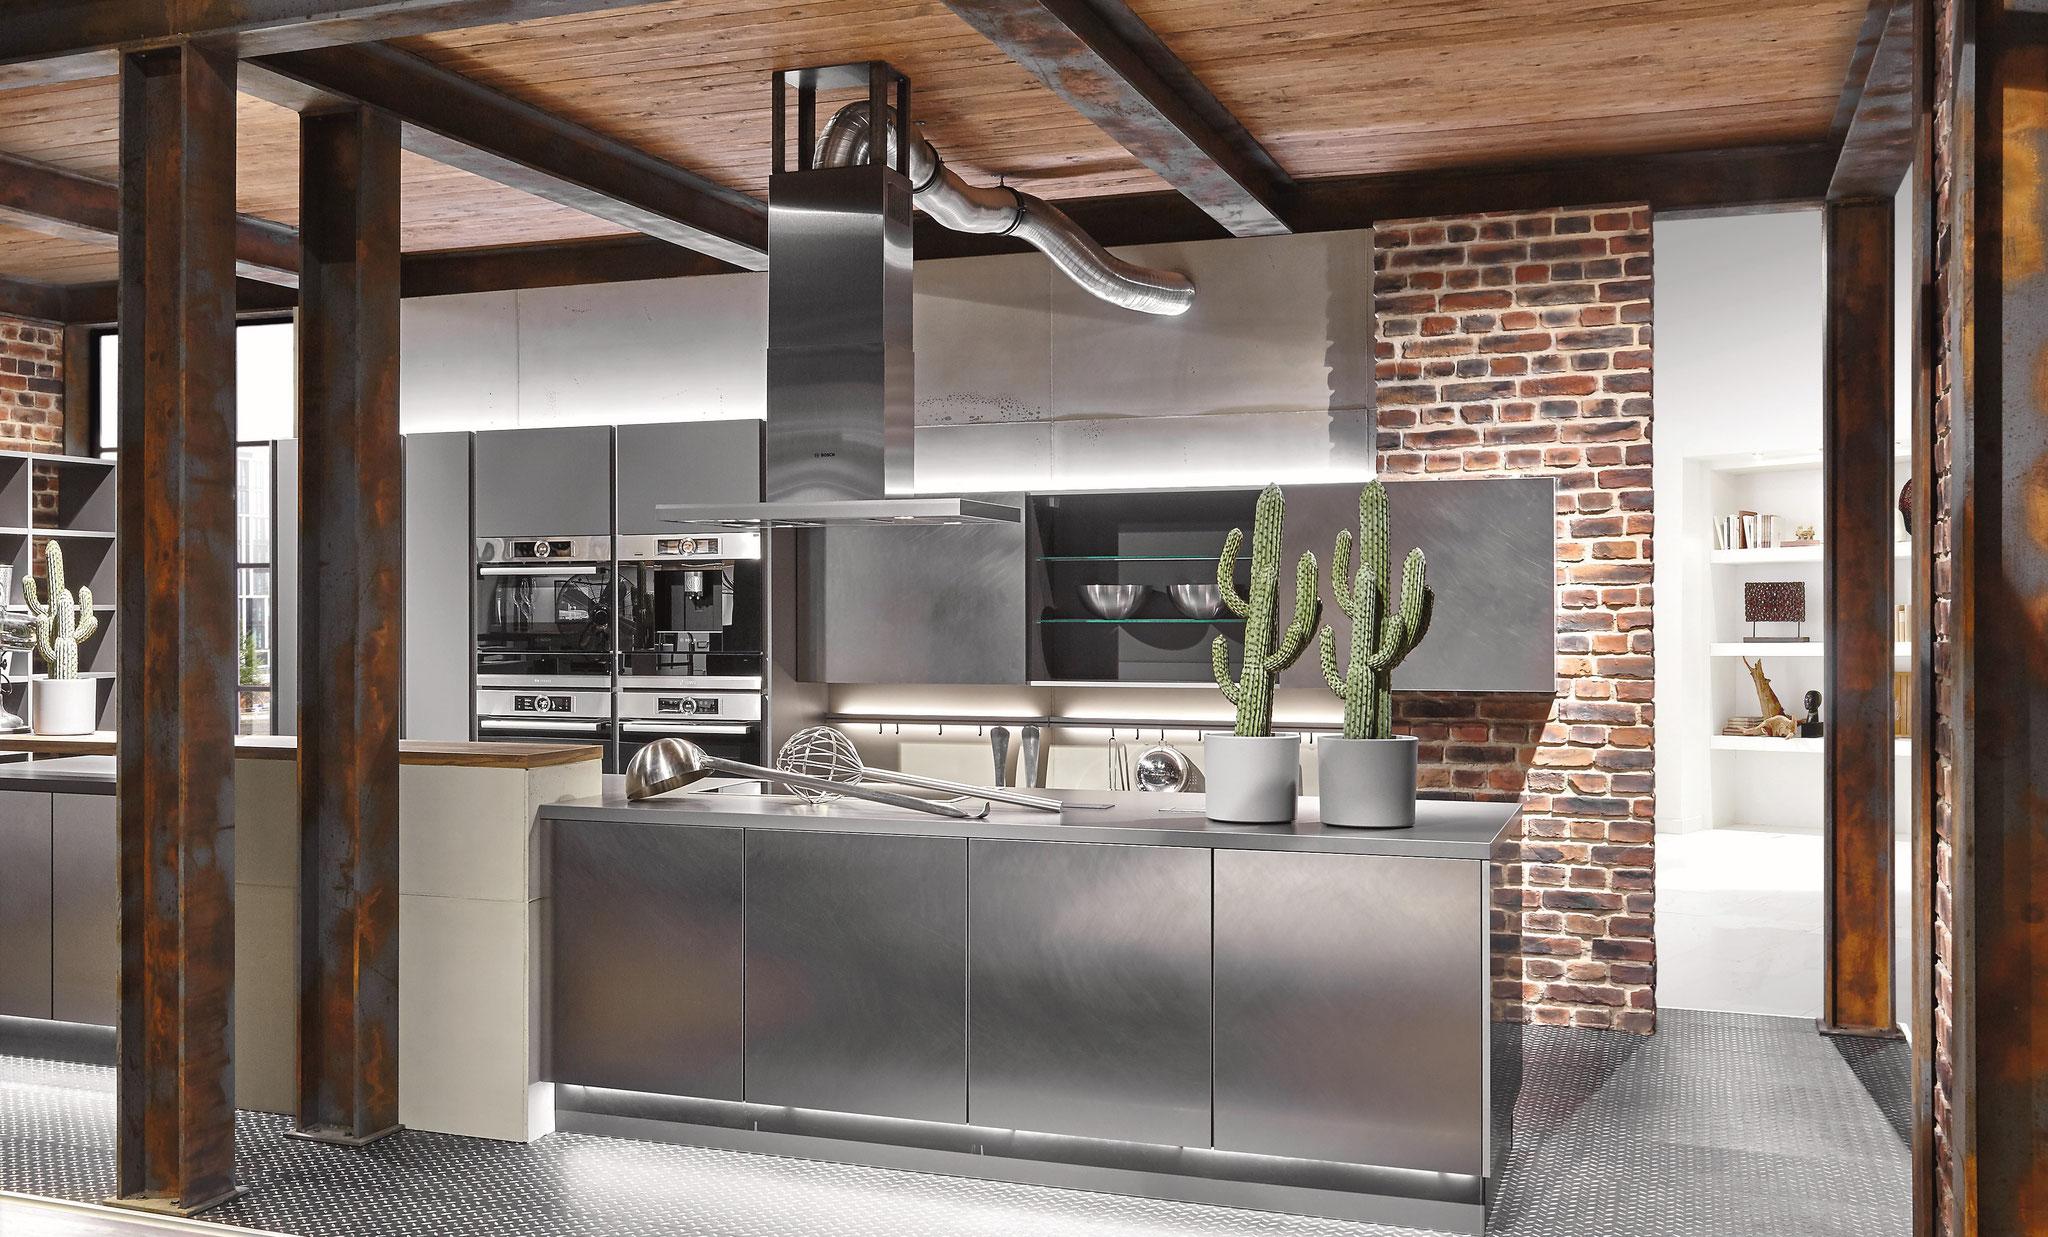 Cuisines art int rieur design site de art interieur design - Design interieur cuisine ...